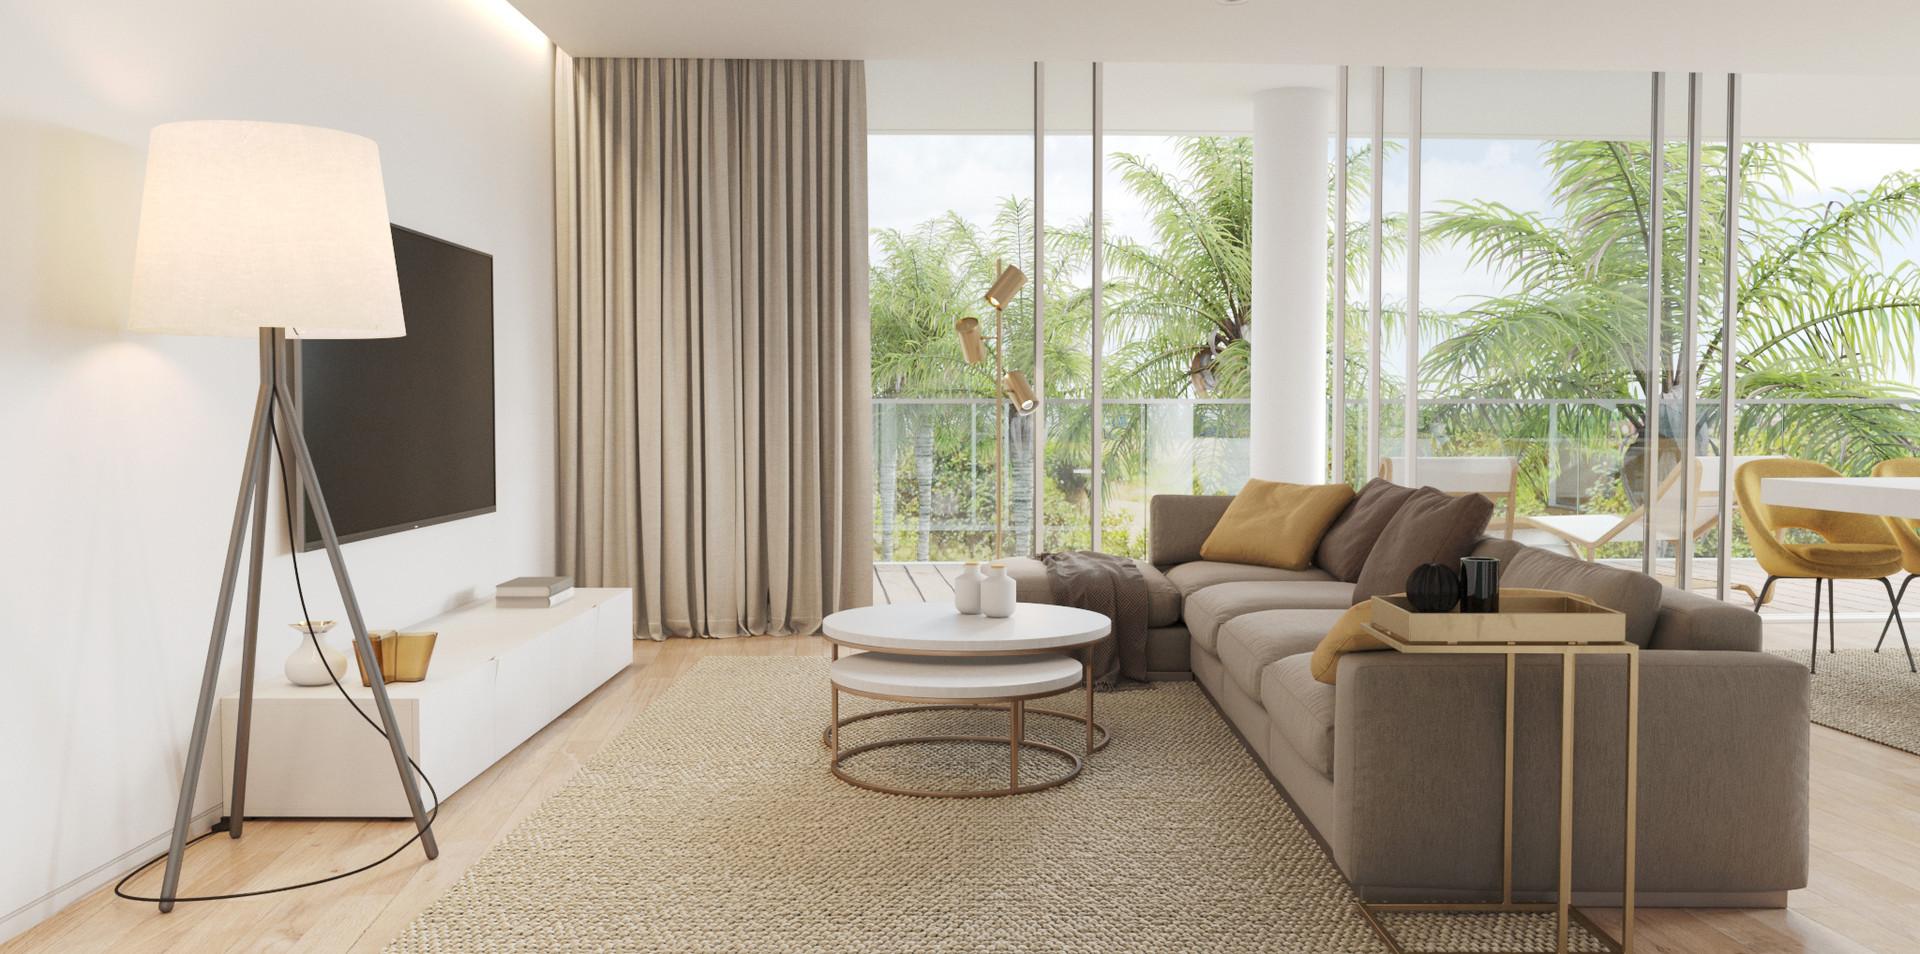 big_110_Villamoura_living room_02.jpg